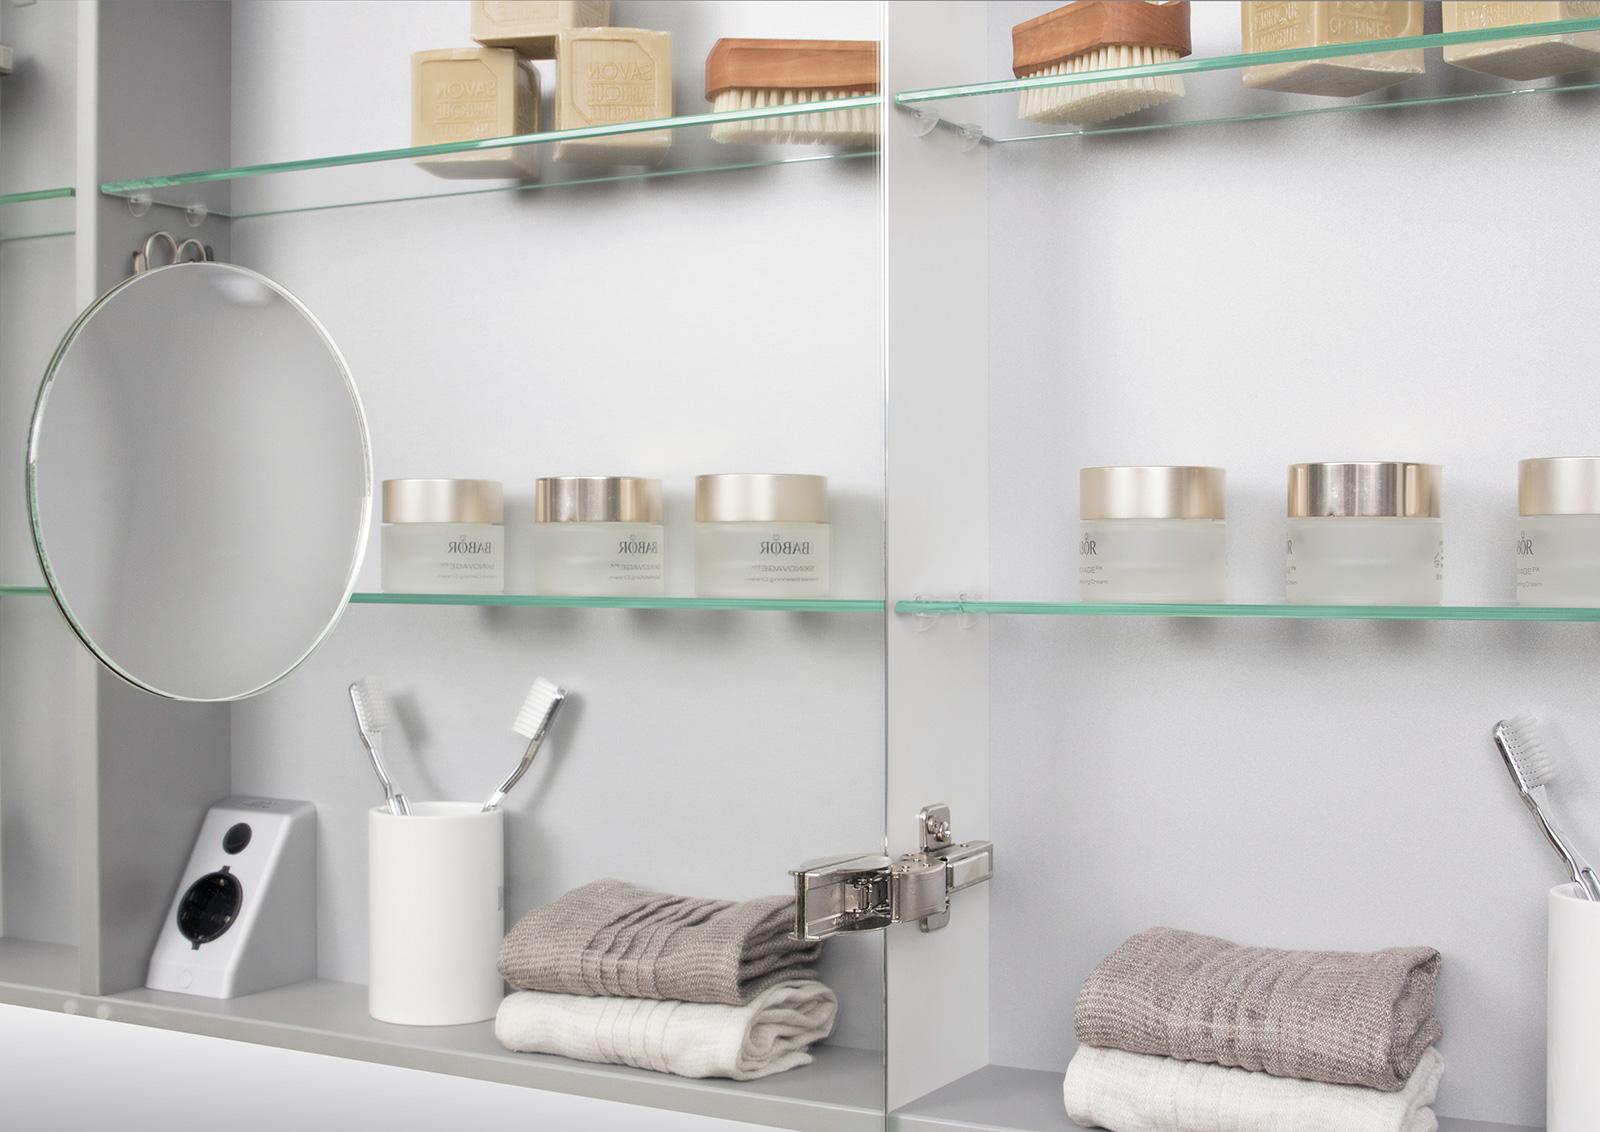 doppelwaschtisch 160 cm badm bel set mit unterschrank spiegelschrank. Black Bedroom Furniture Sets. Home Design Ideas